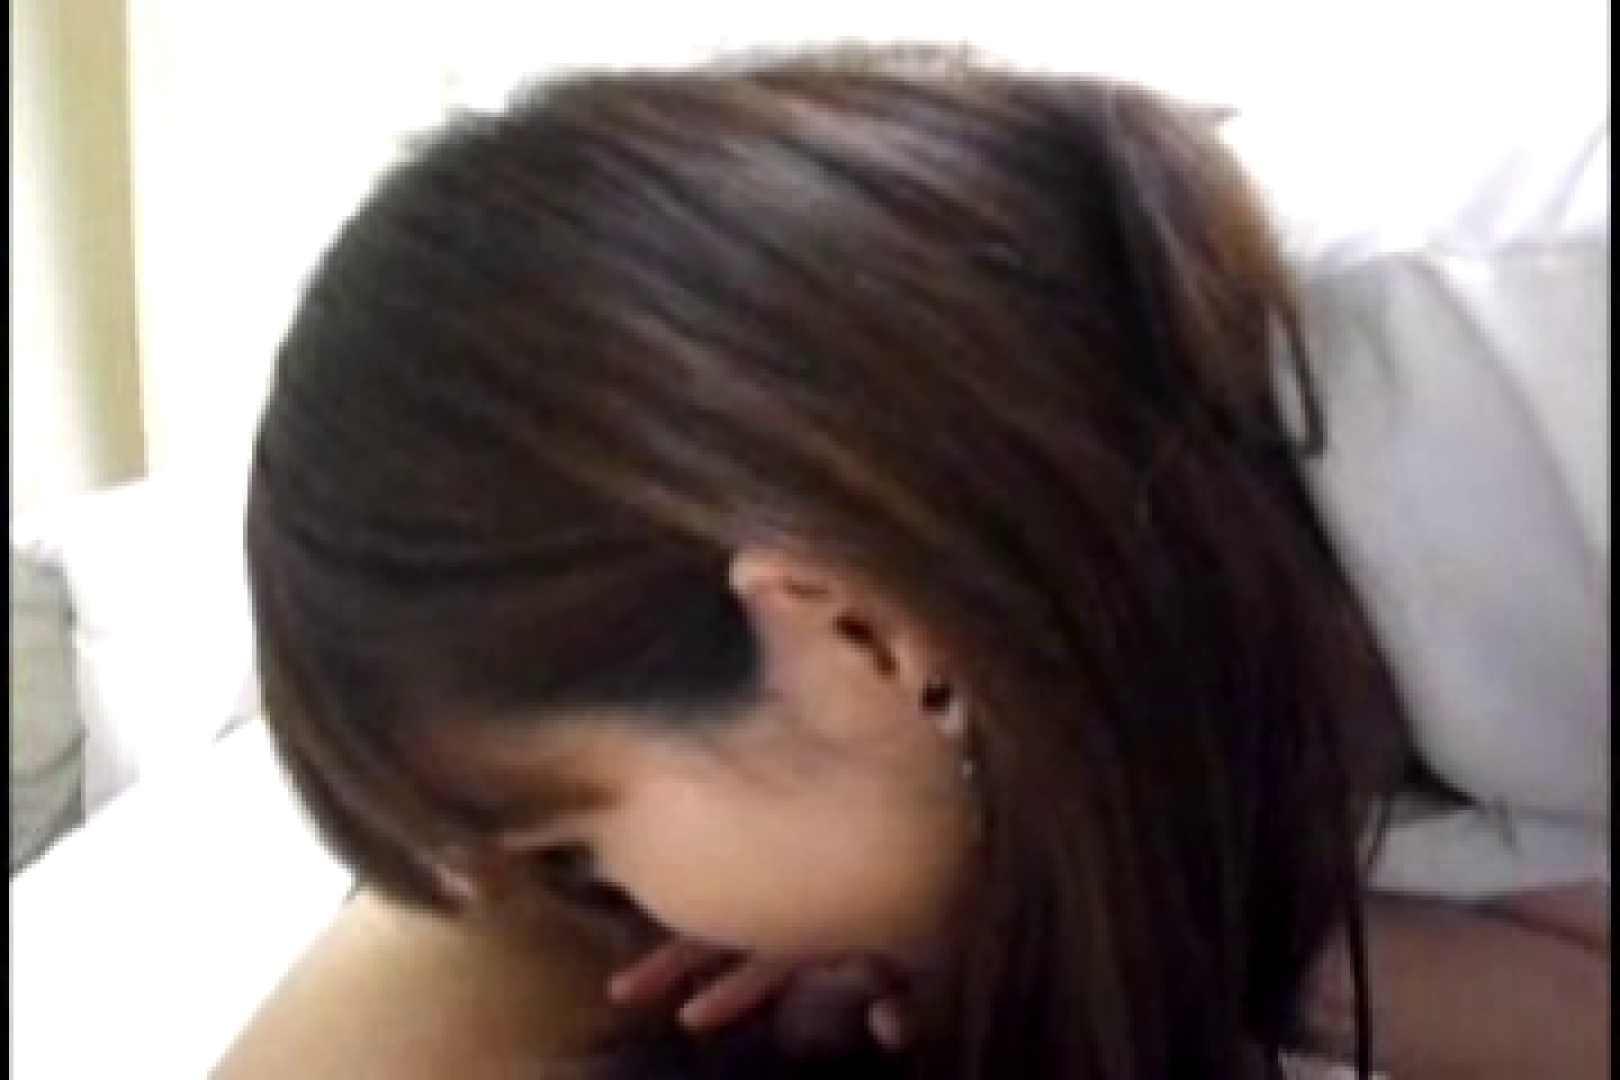 ヤリマンと呼ばれた看護士さんvol1 シックスナイン  98pic 71